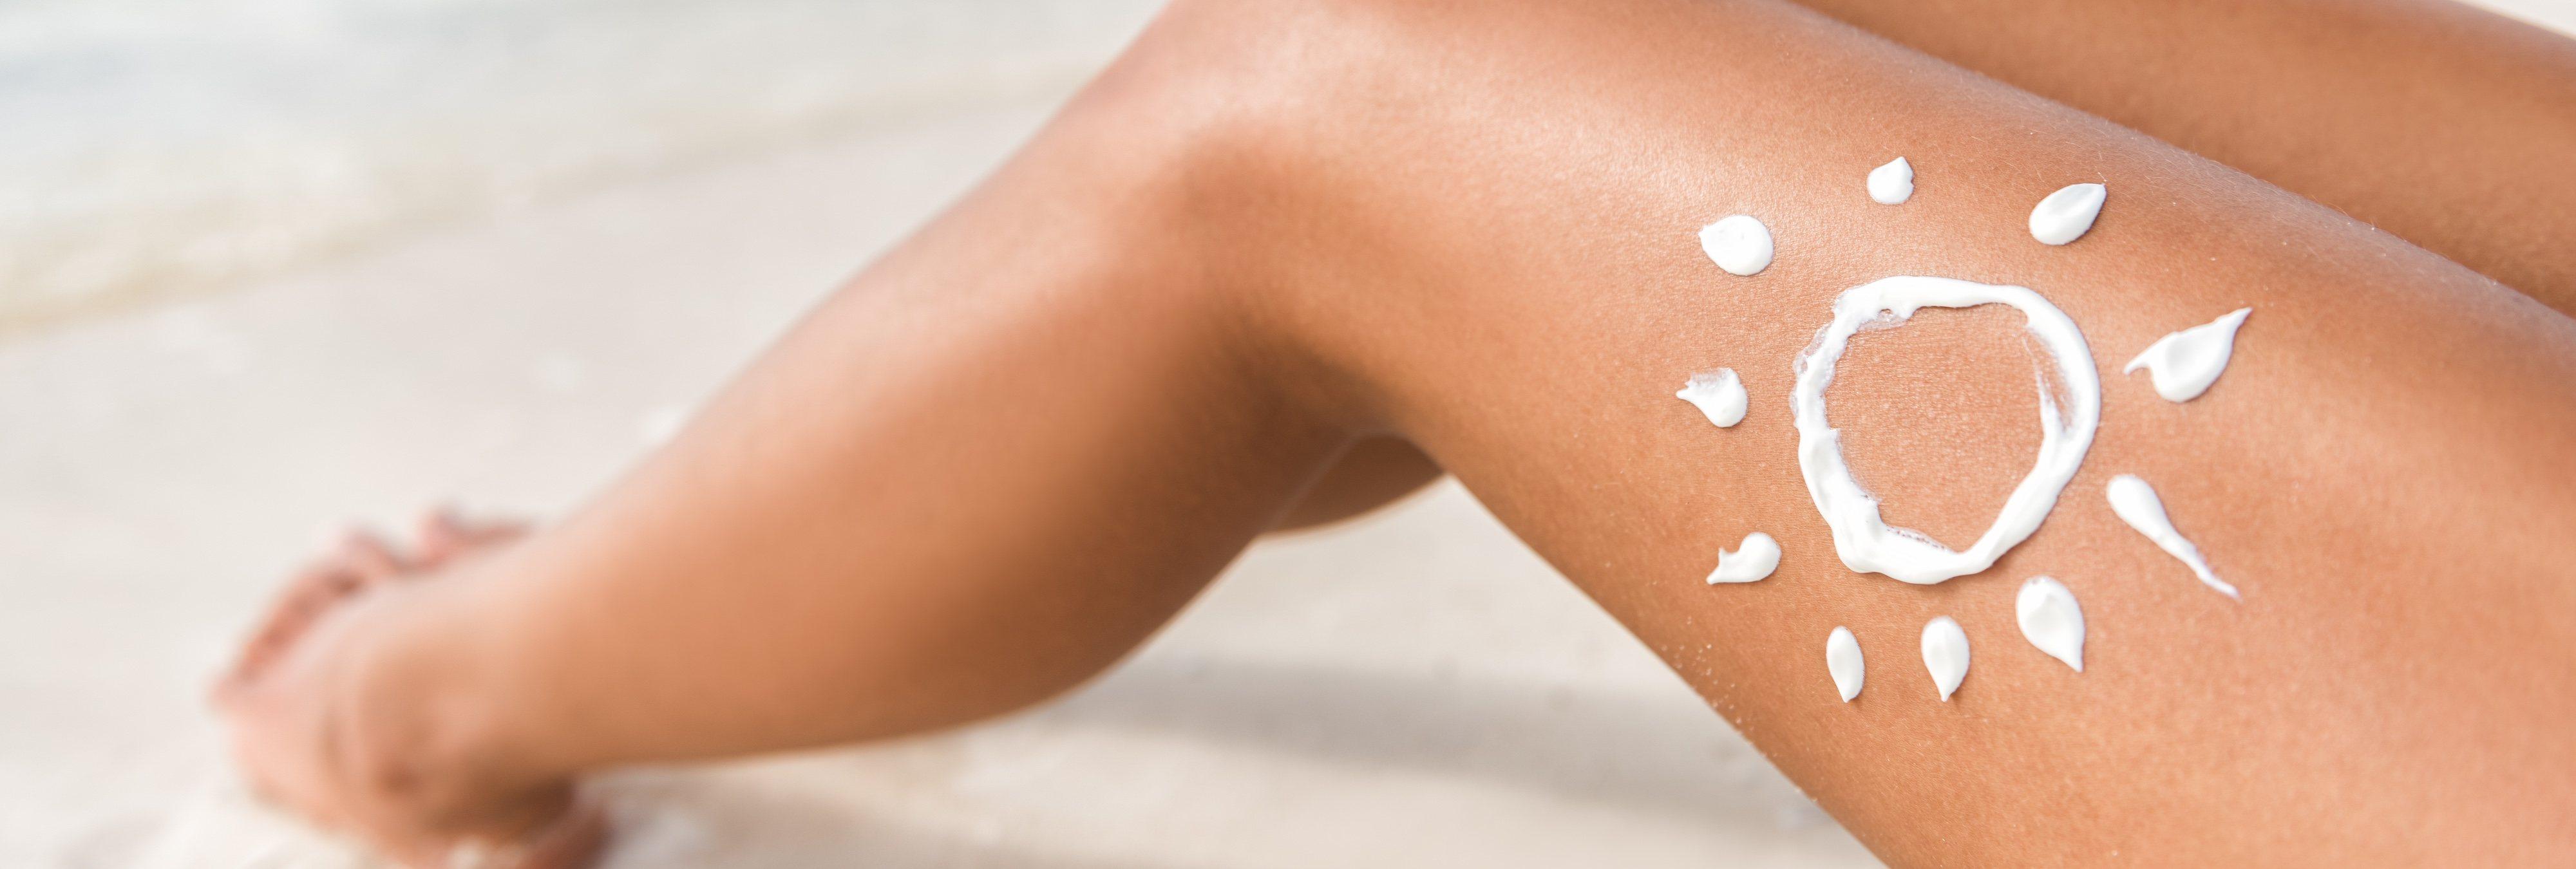 Las 5 peores cremas de protección solar, según la OCU